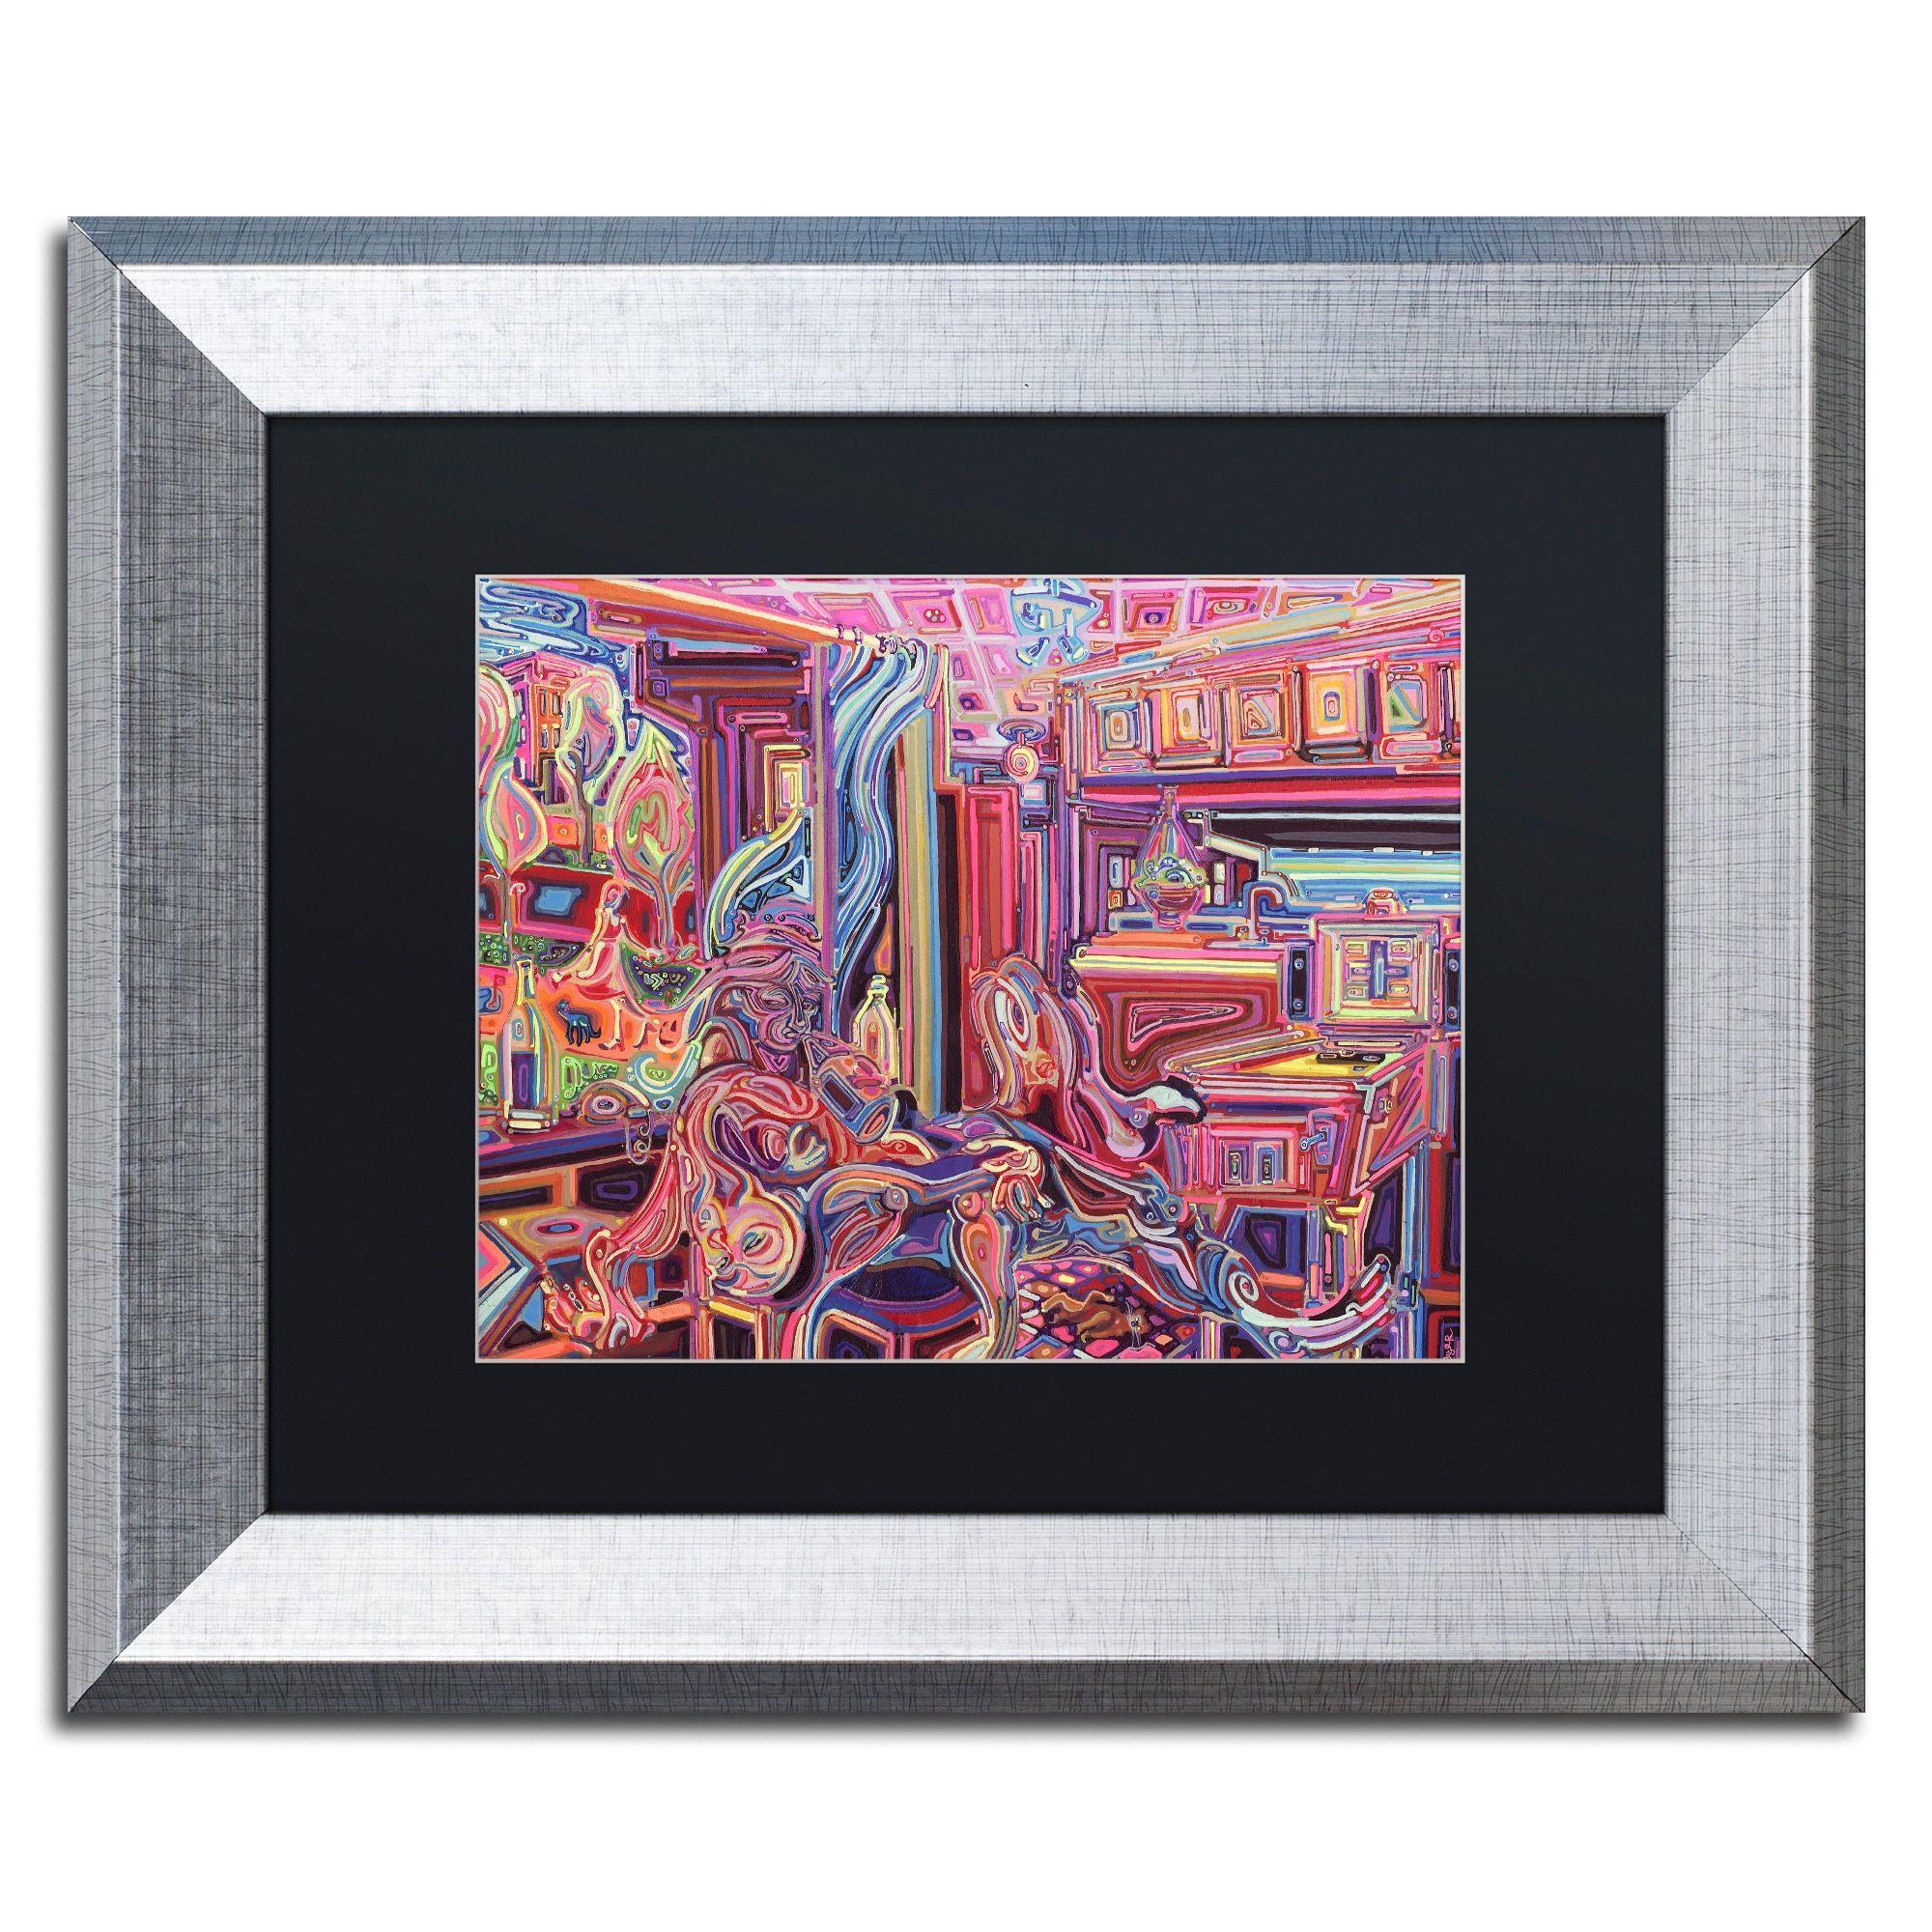 Josh byer utoleranceu matted framed art products pinterest